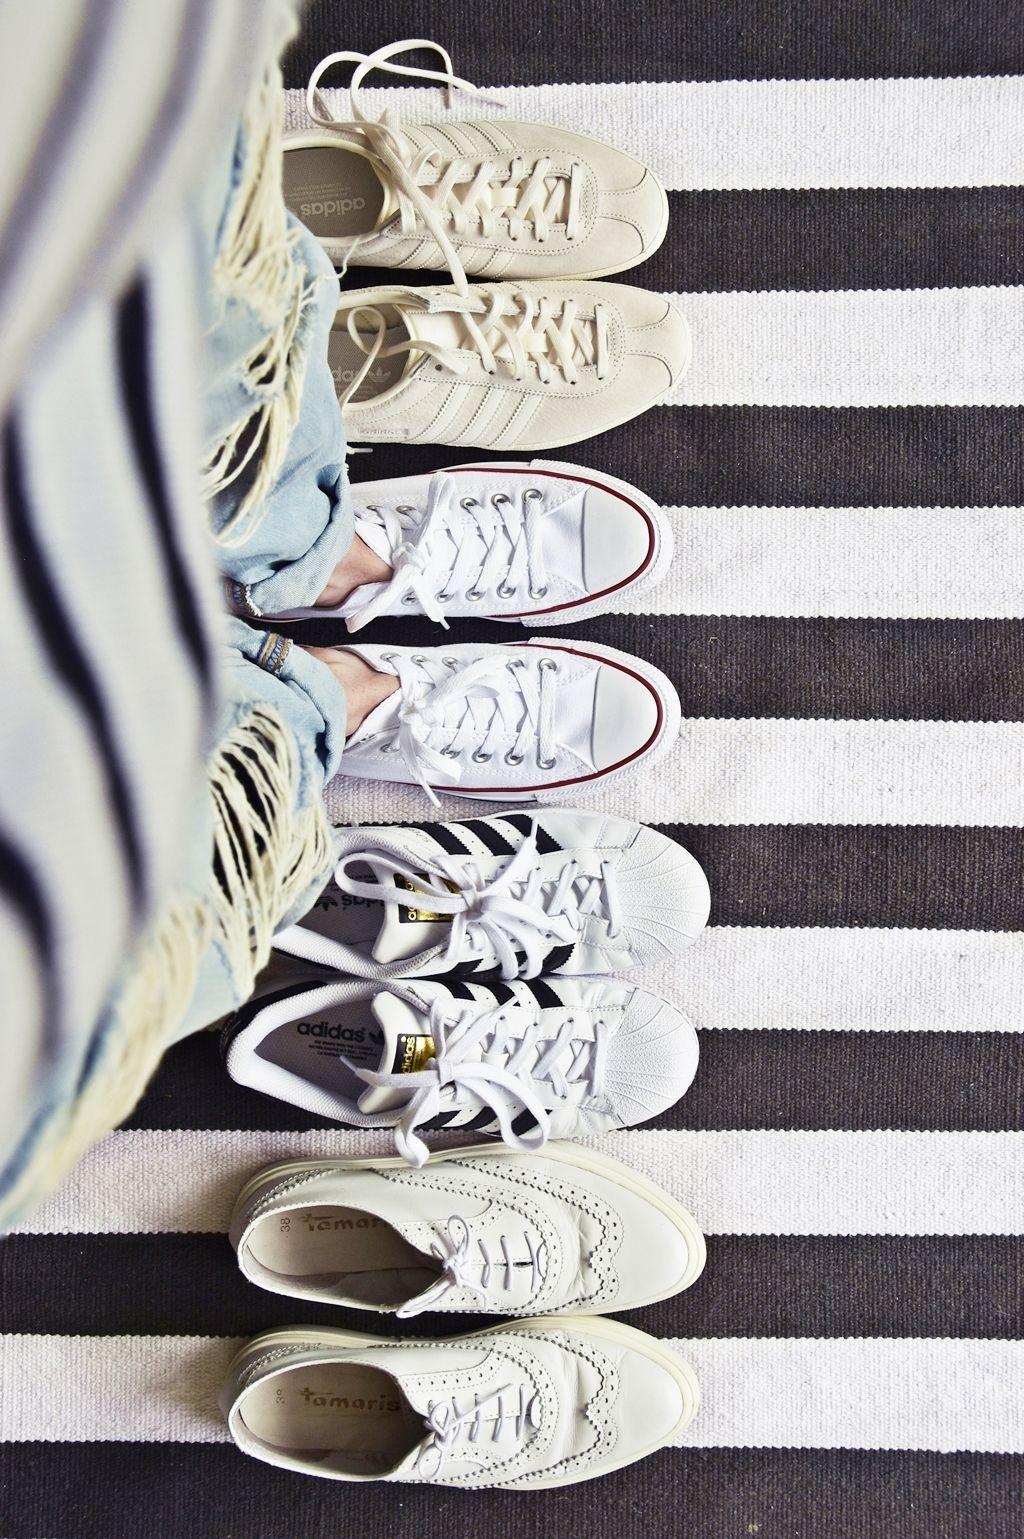 lifehack | 8 Tipps, wie man Schuhe & Sneakers wieder weiß